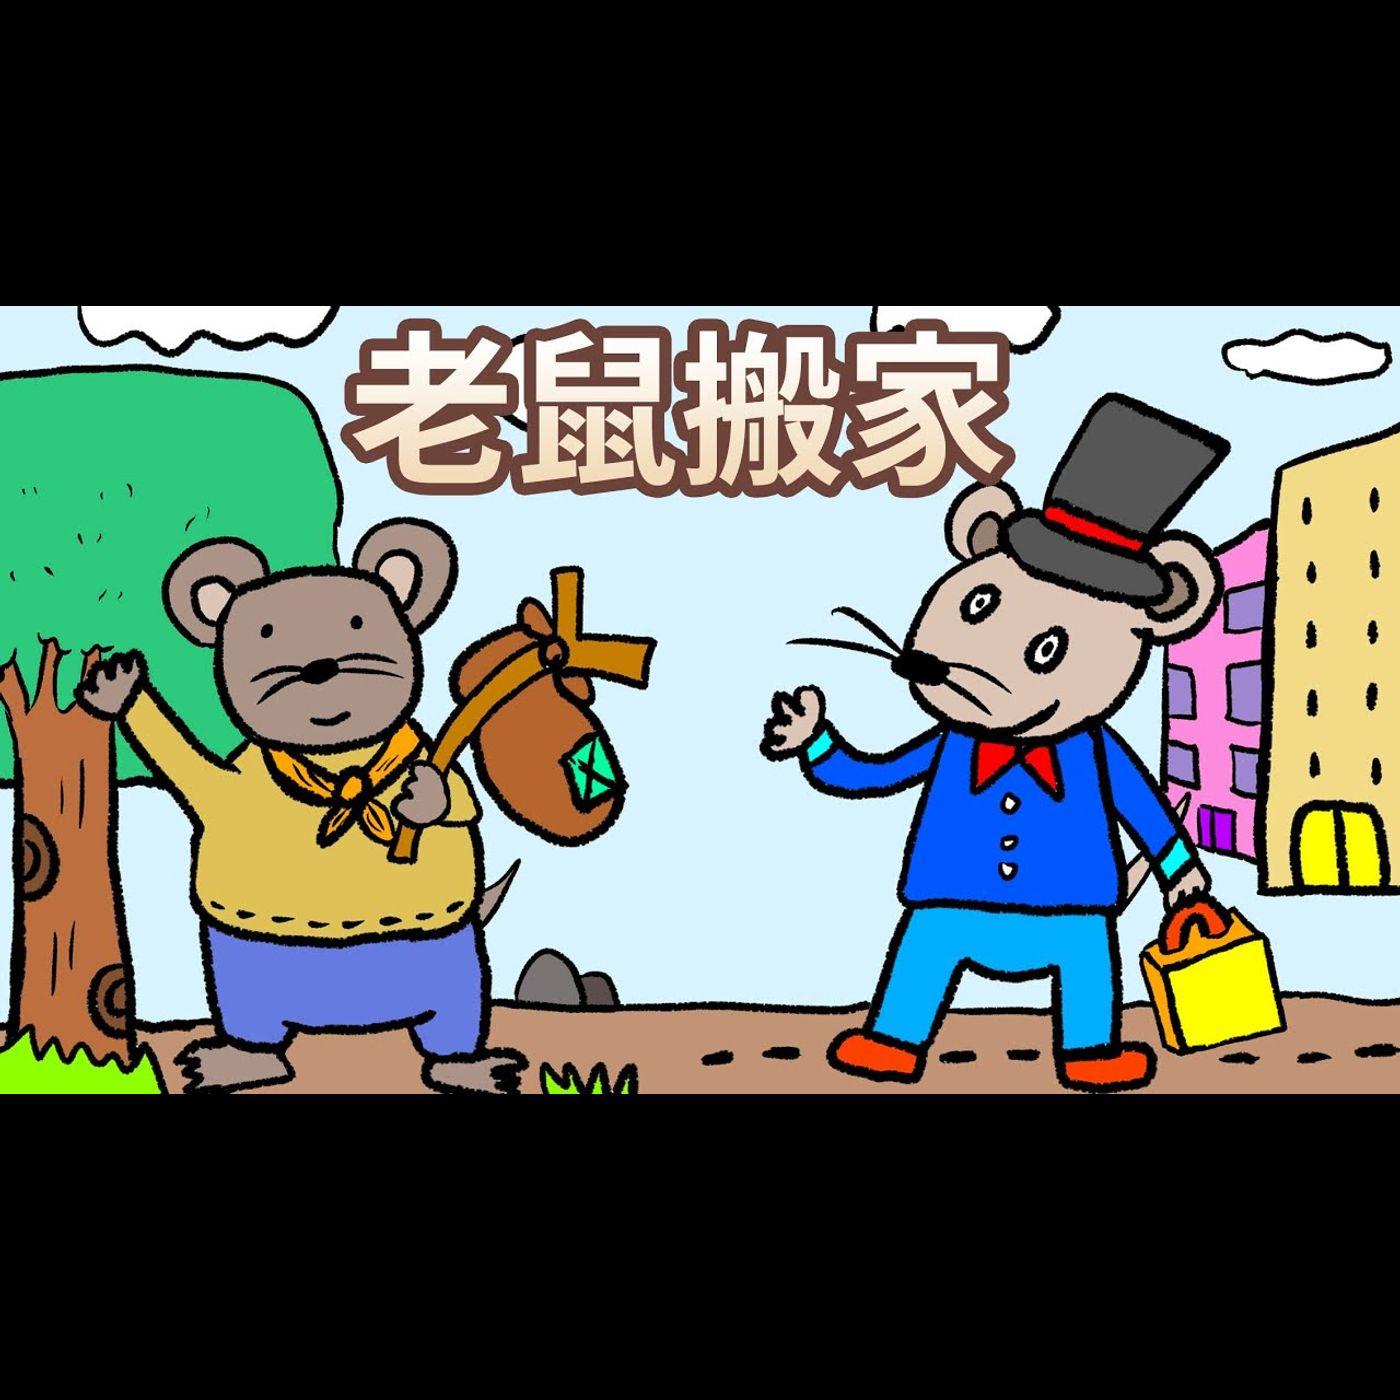 【 佳佳老師說故事 】EP47《 老鼠搬家 》 兒童故事繪本 幼兒睡前故事